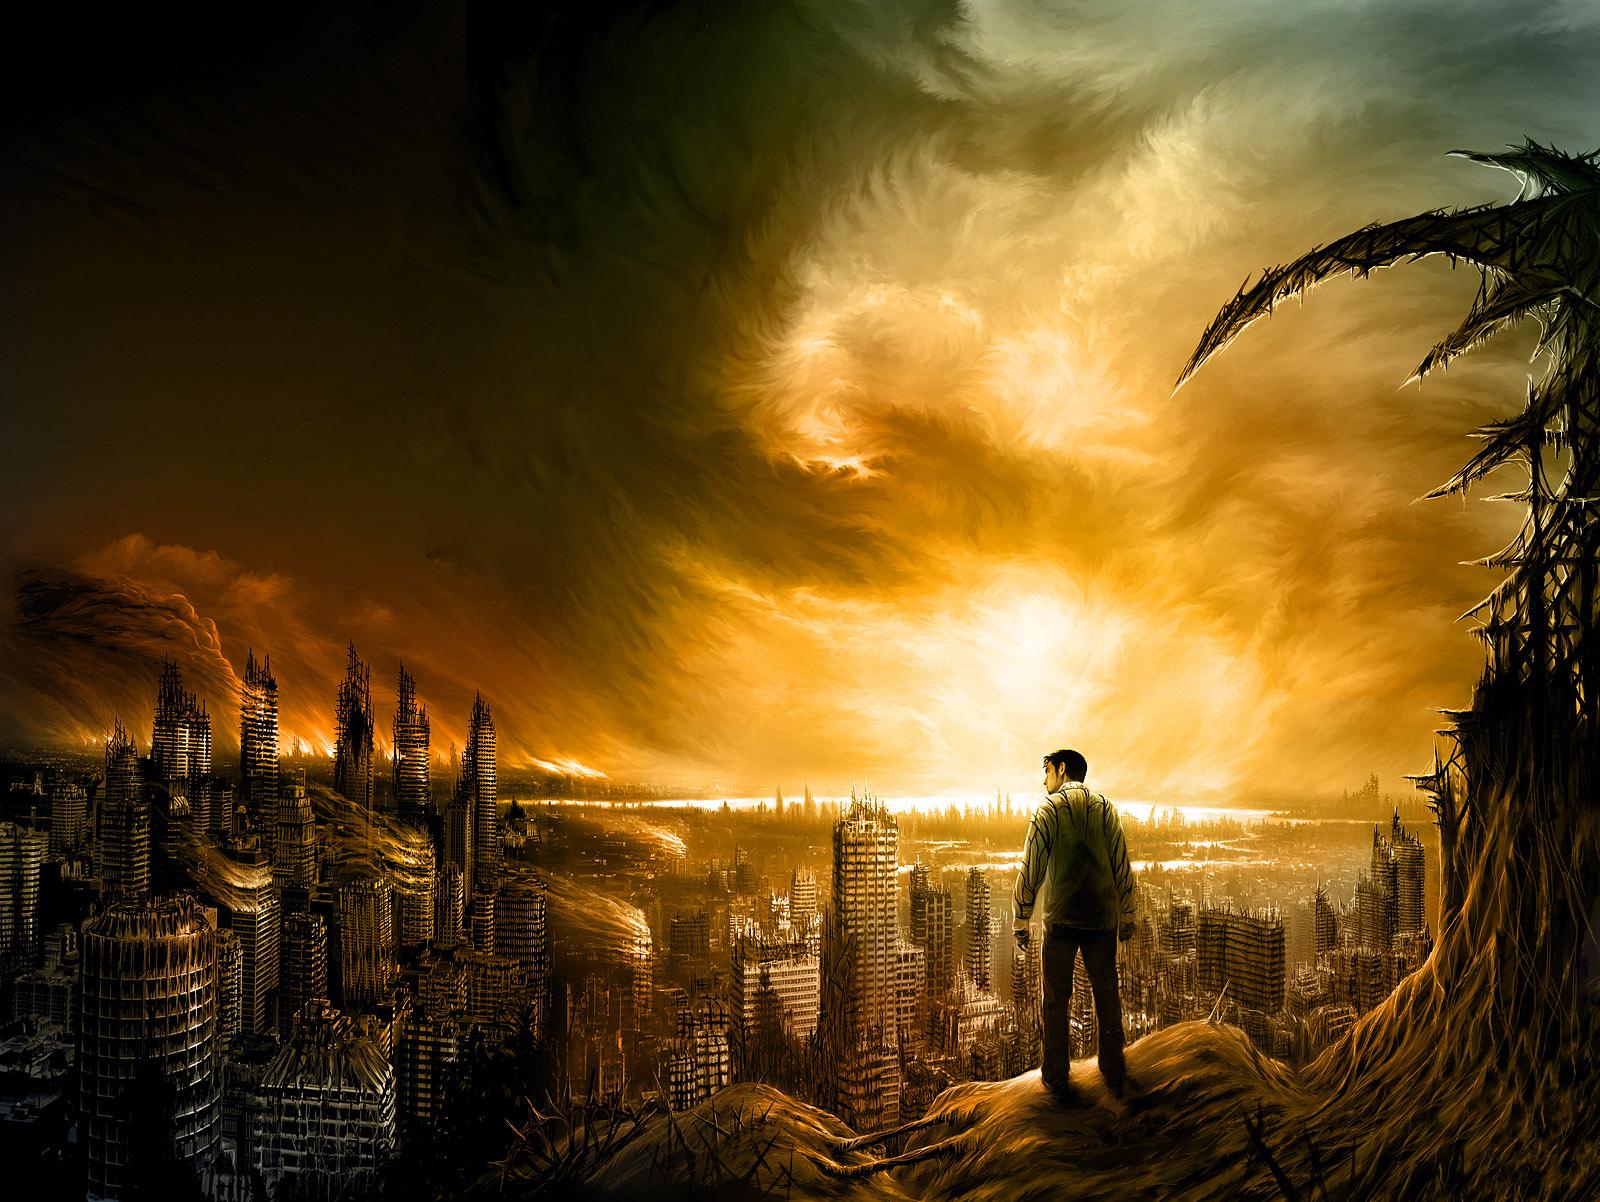 Sci Fi - Post Apocalyptic  Alexiuss Apocalyptic Sci Fi City Building Destruction Wallpaper